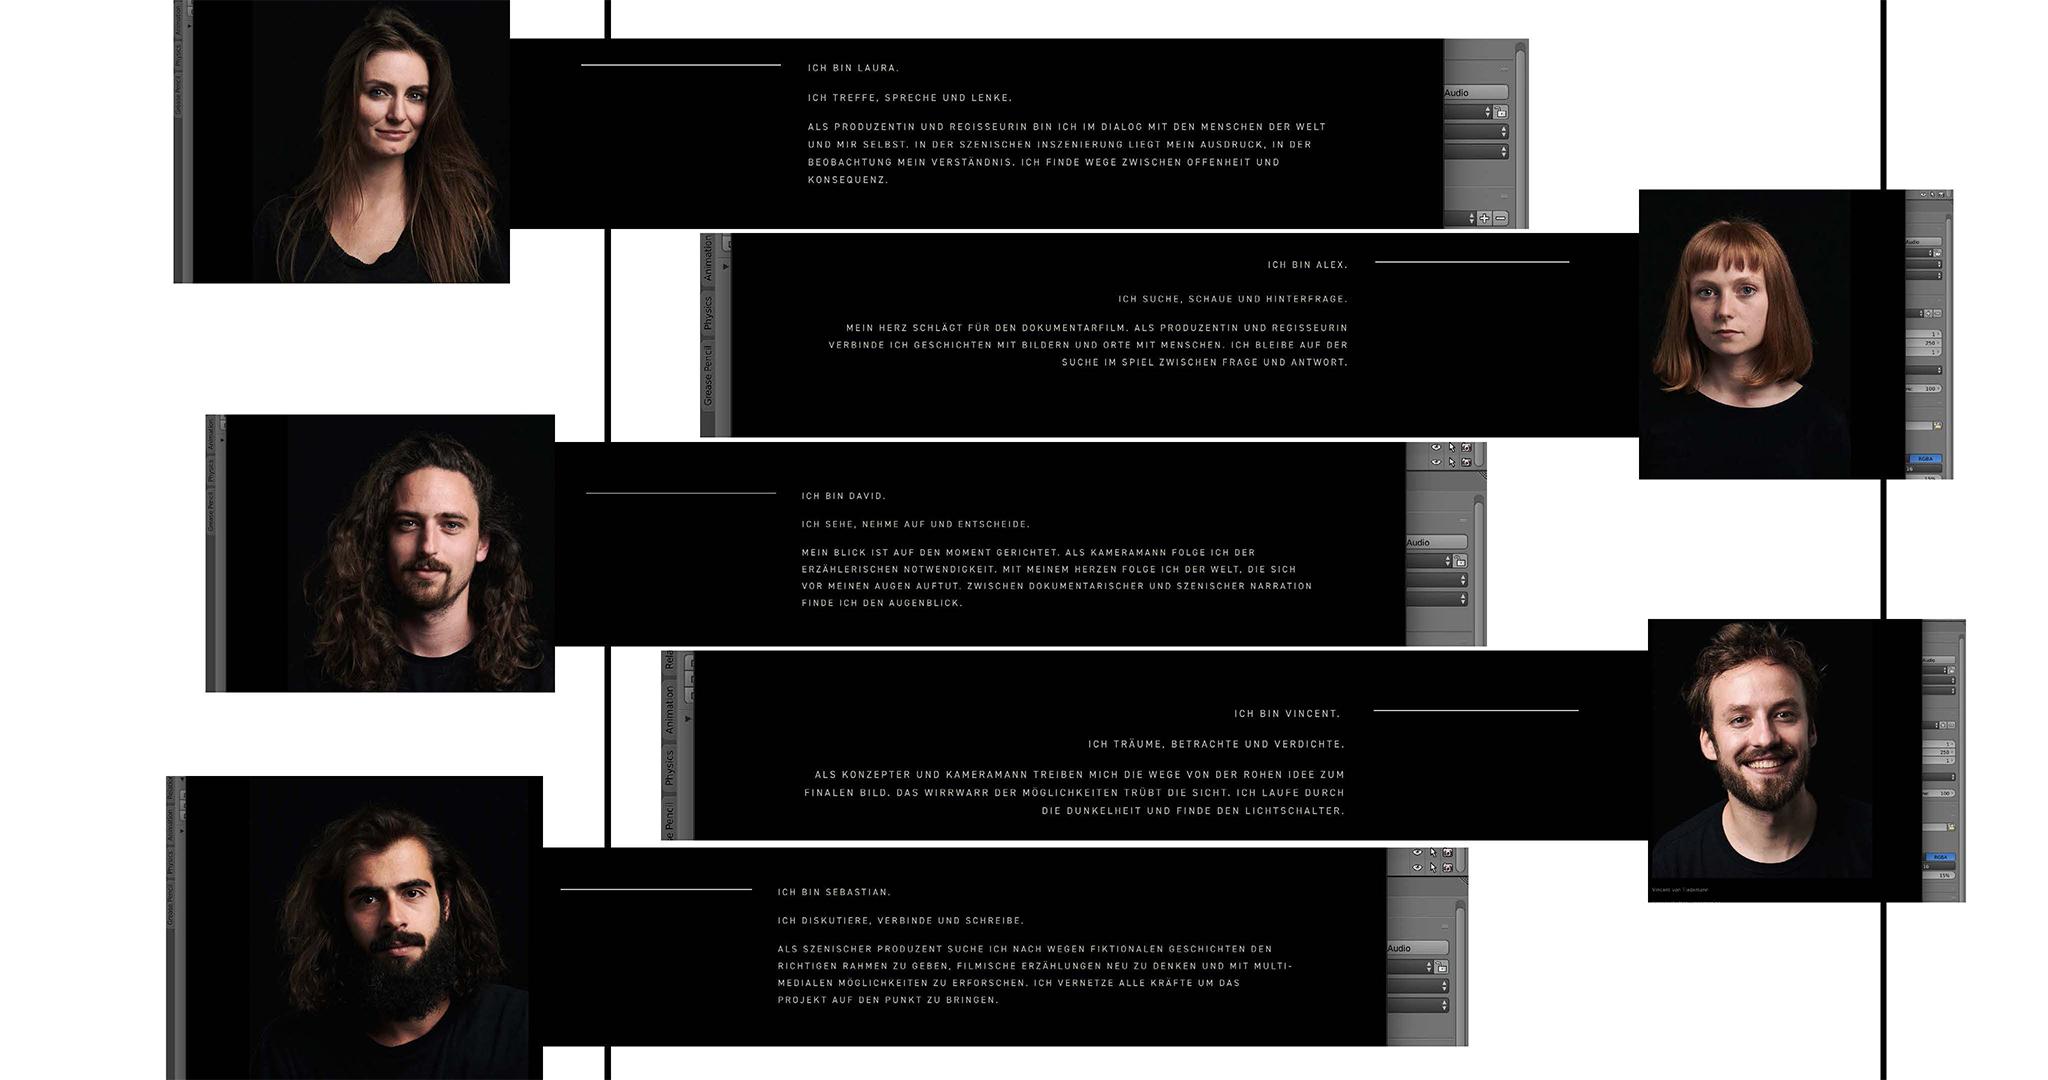 100512_tp_mappe_idee_01_Seite_11.jpg